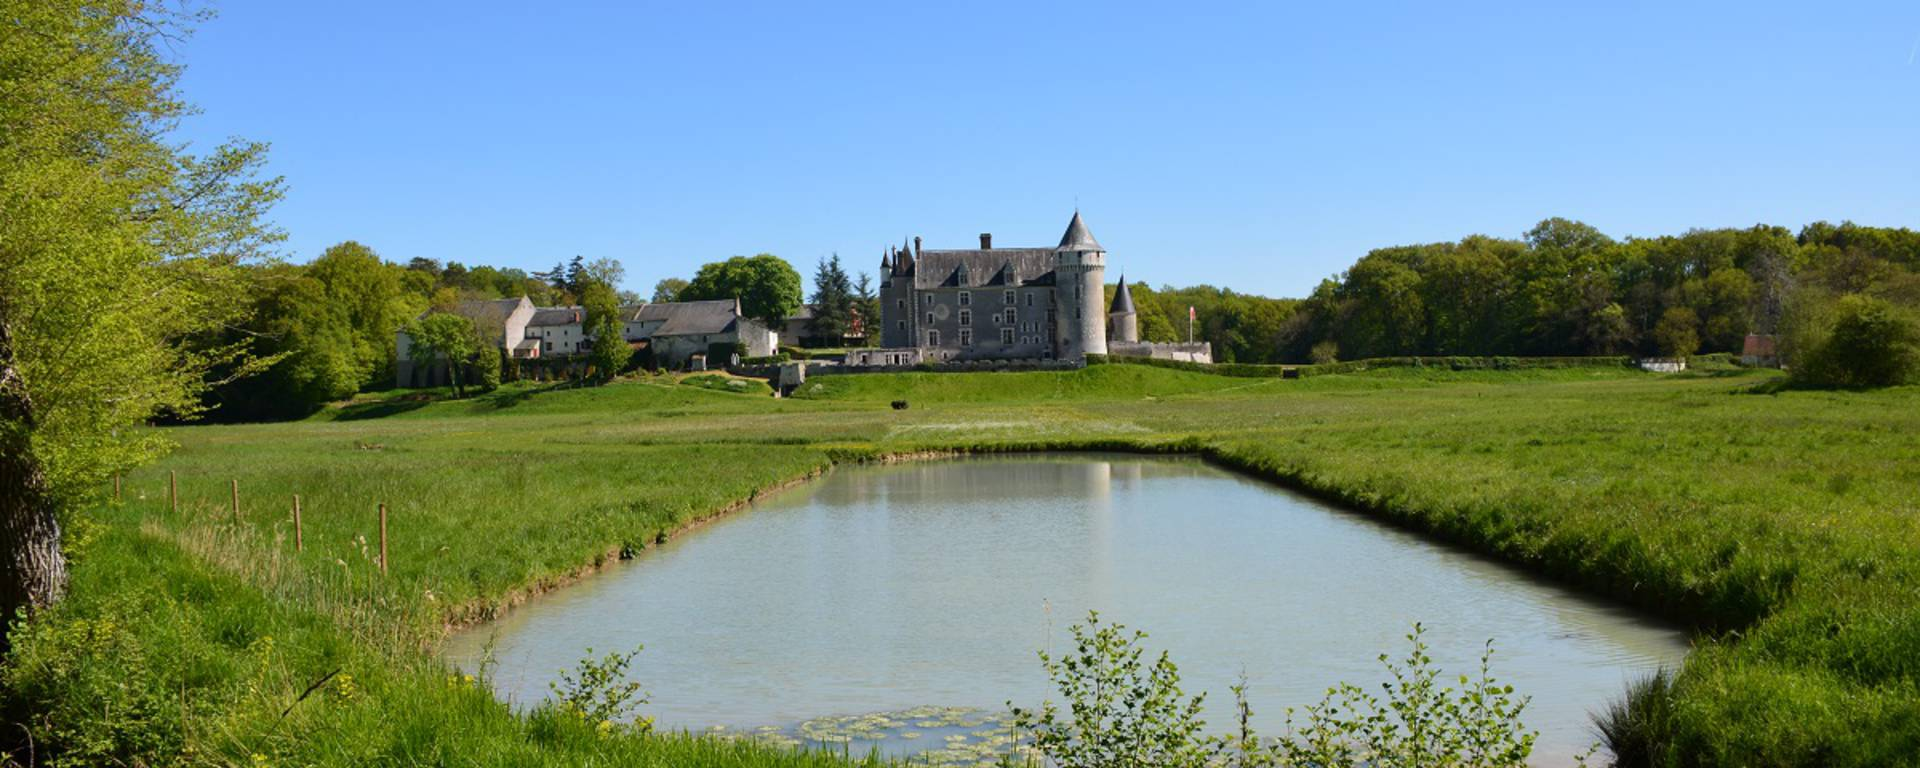 Teichanlage bei Schloss Montpoupon  © OTBC